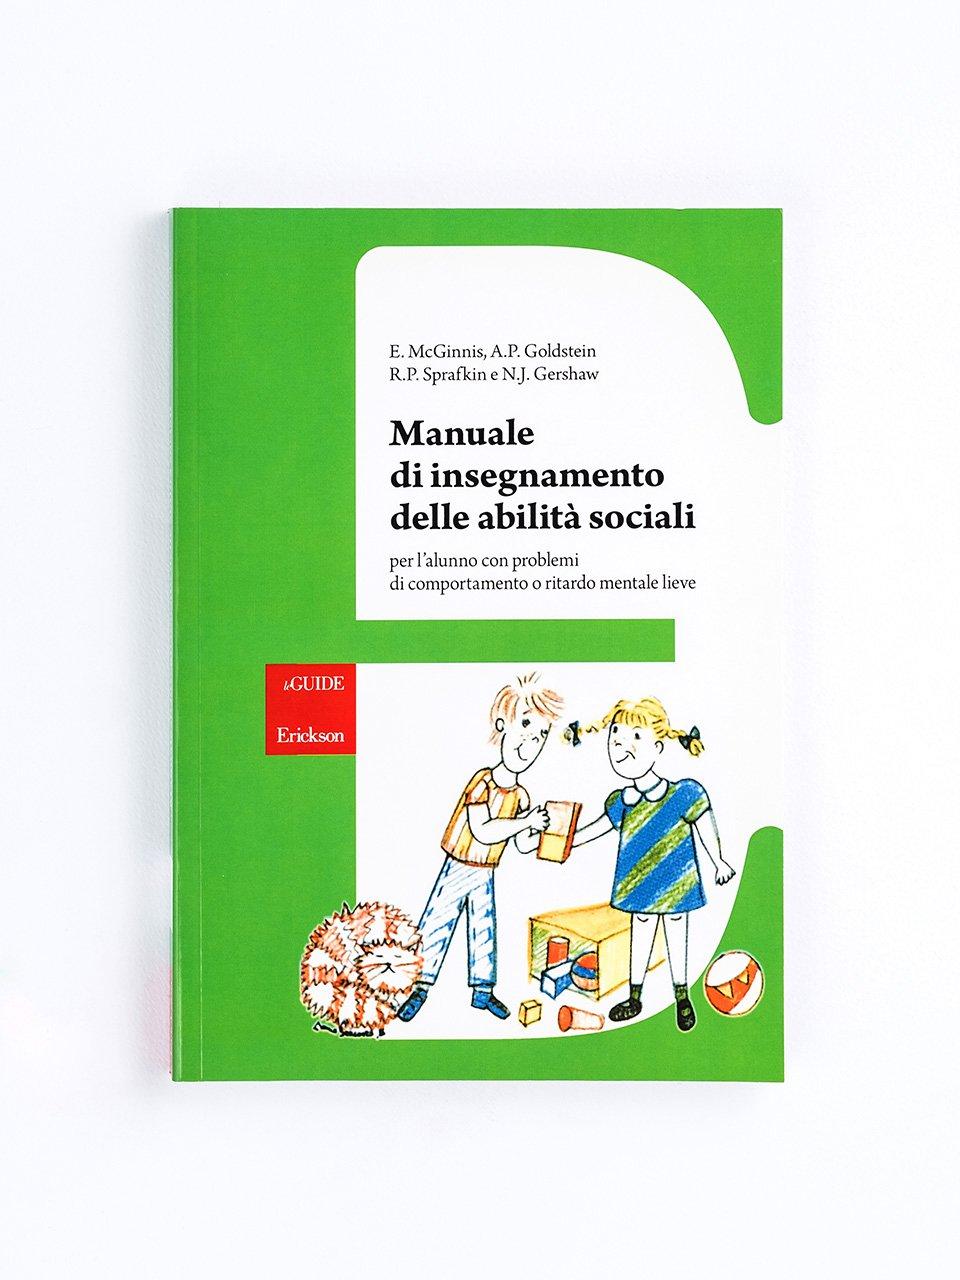 Manuale di insegnamento delle abilità sociali - Educare il bambino con disabilità - Volume 3 - Libri - Erickson